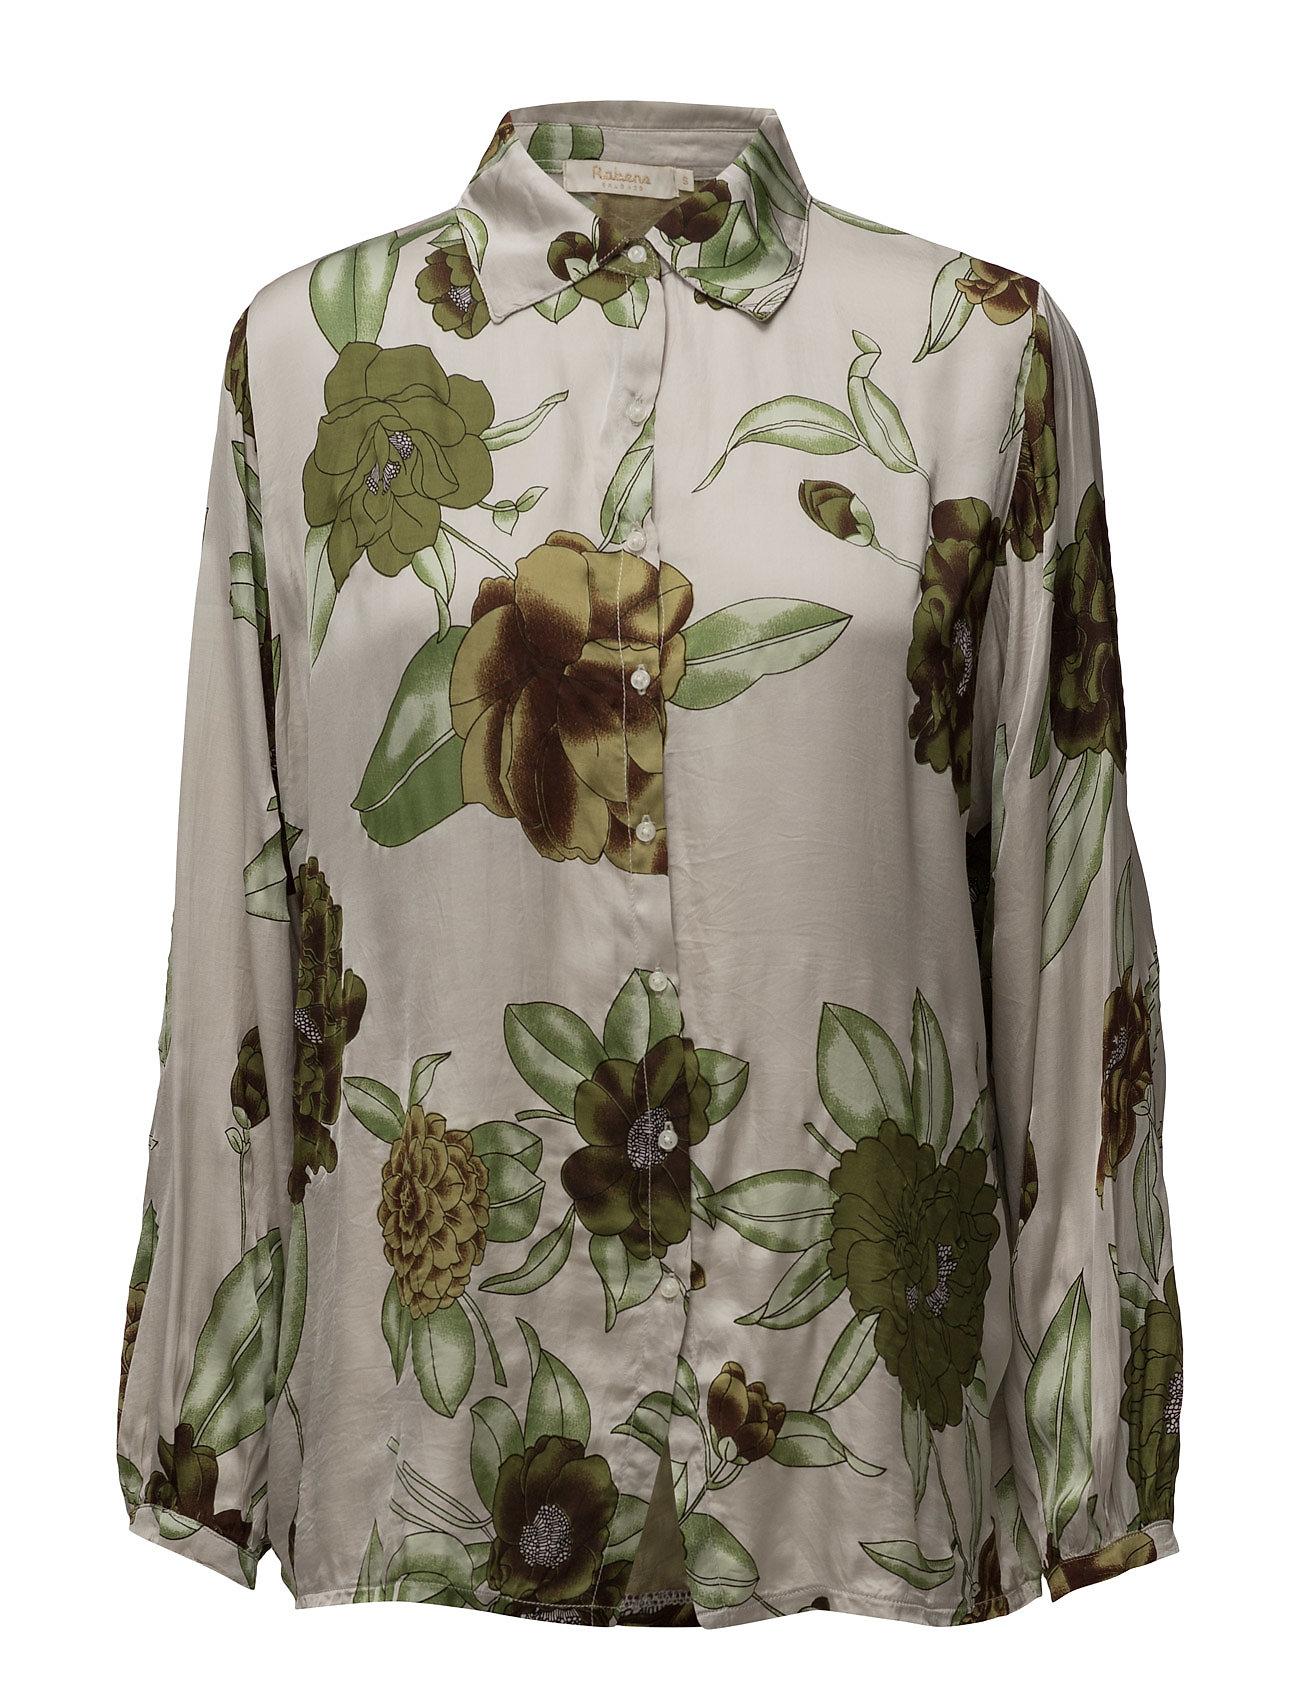 Megaflower Shirt Rabens Saloner Langærmede til Damer i Grøn